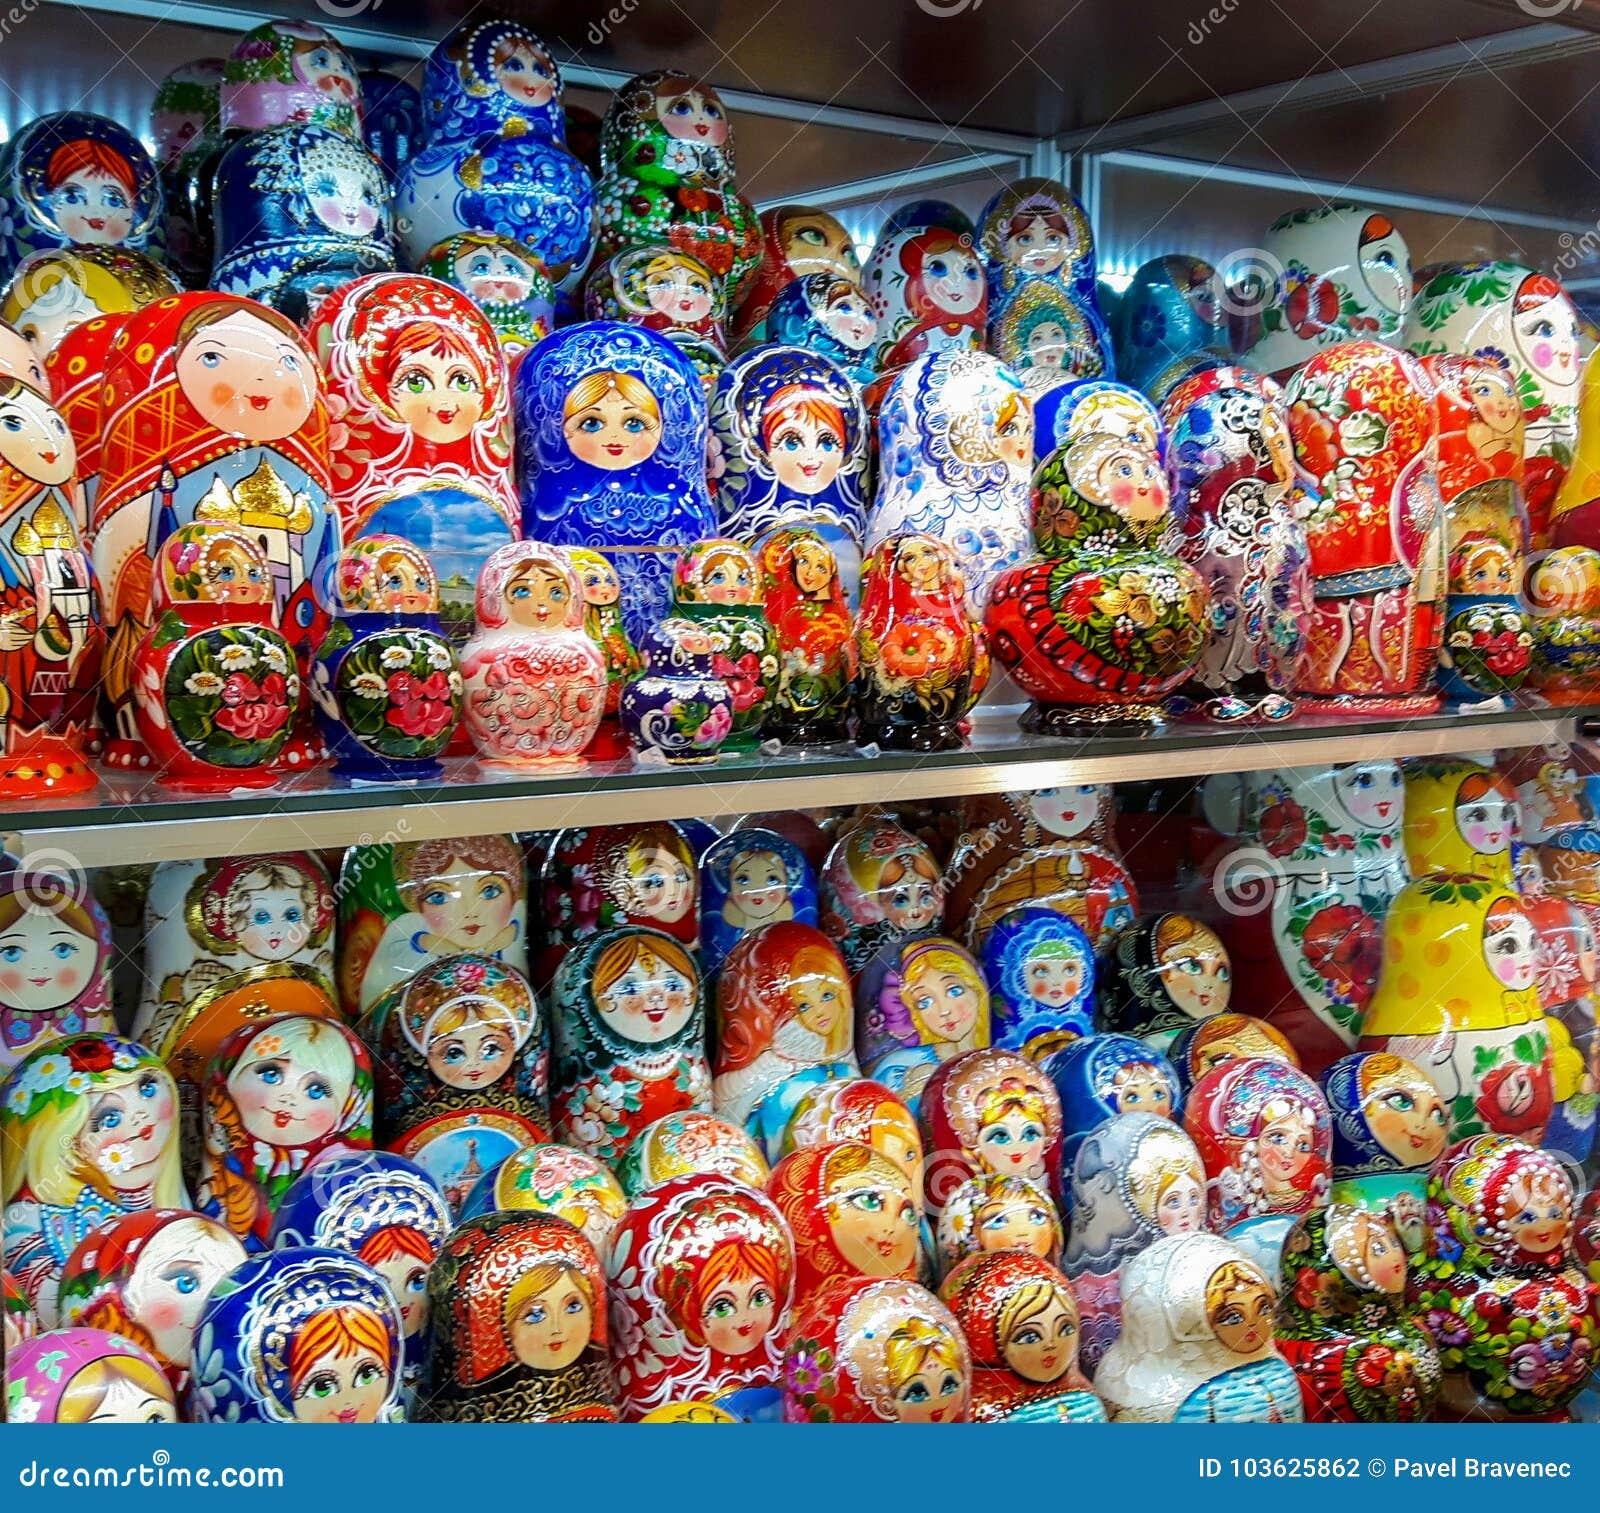 Matryoskapoppen in winkel in centrum van Moskou in Rusland